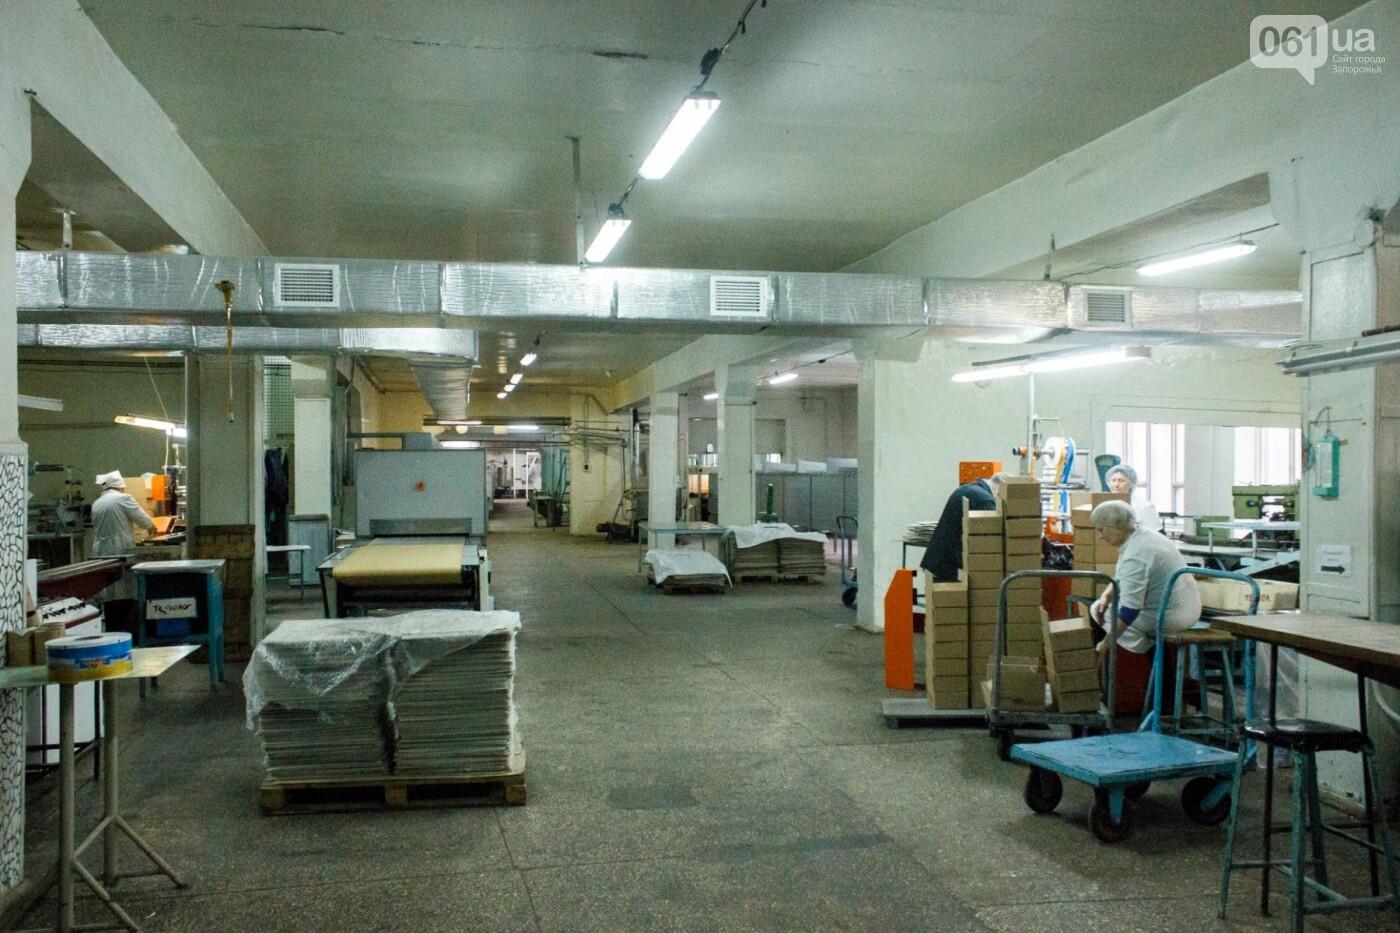 Как в Запорожье делают конфеты: экскурсия на кондитерскую фабрику, – ФОТОРЕПОРТАЖ, фото-16